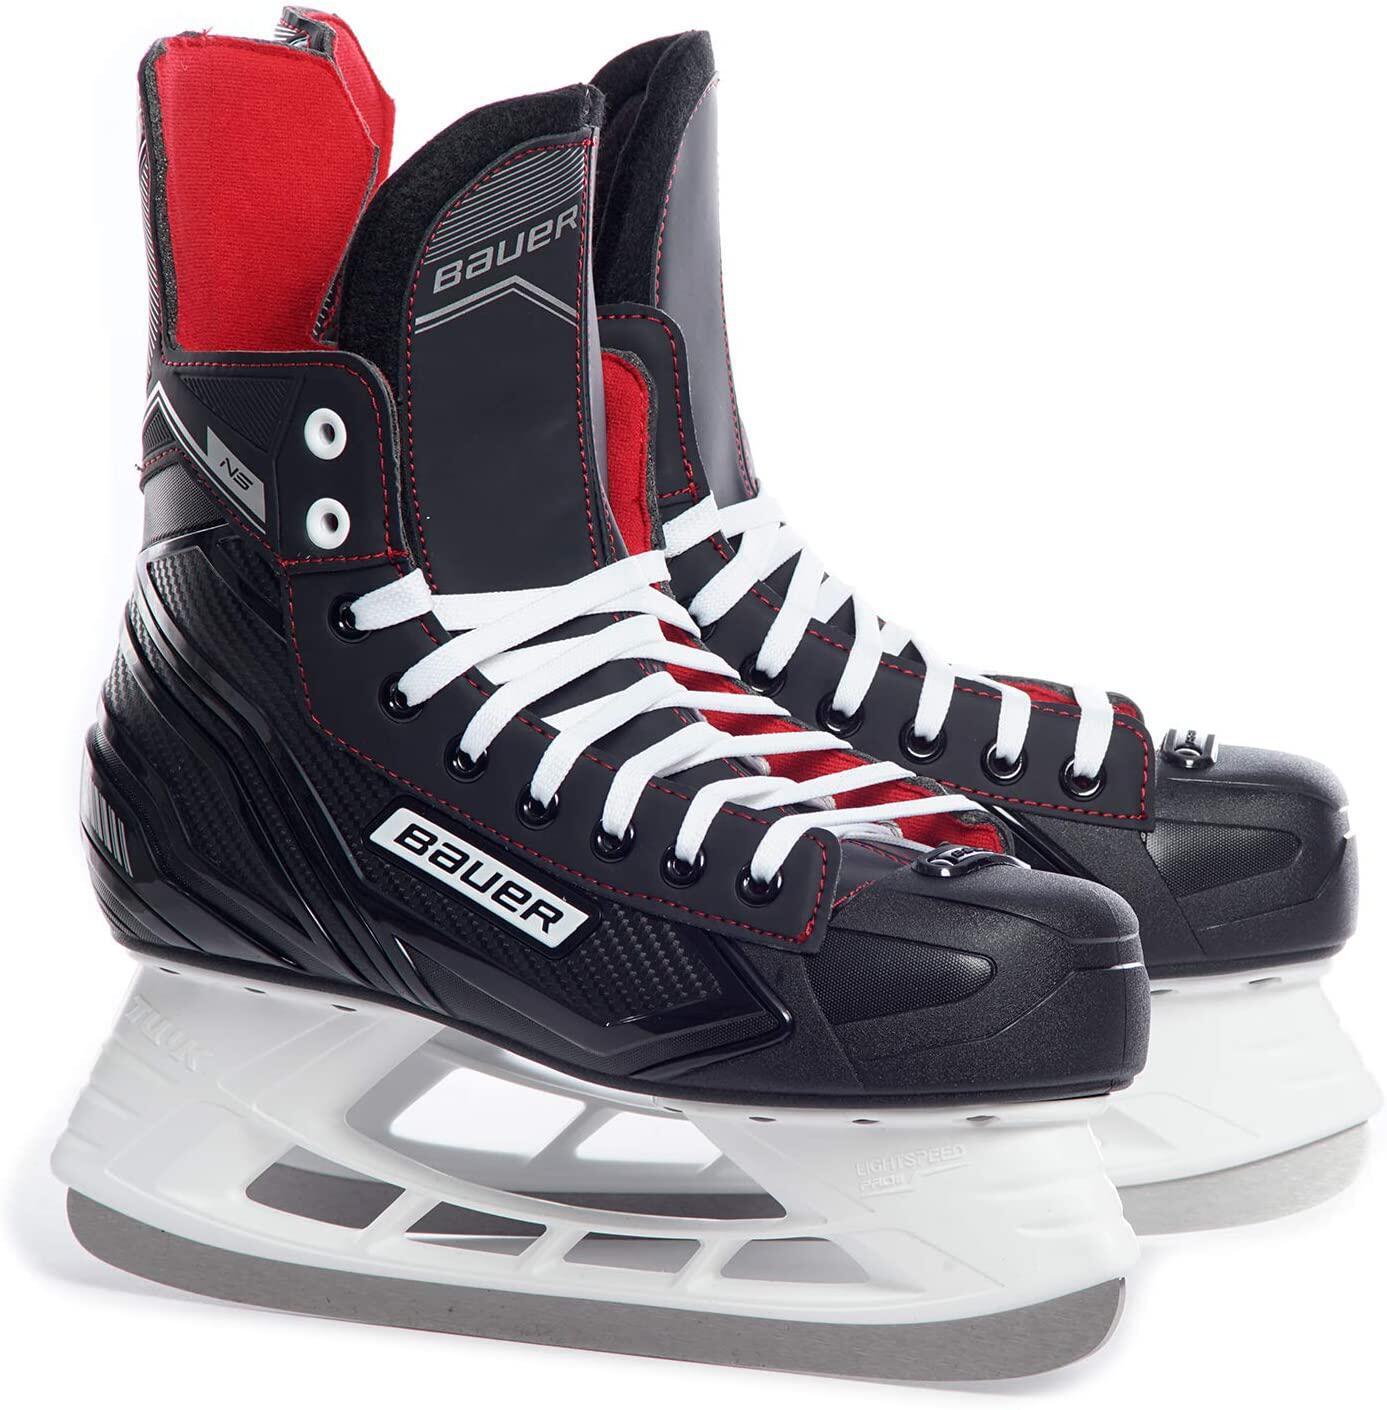 Bild zu Eislaufen, Schlittschuhe, Damen, Herren, Kinder, Winter, Schnee, Ausrüstung, Klassiker, Hingucker